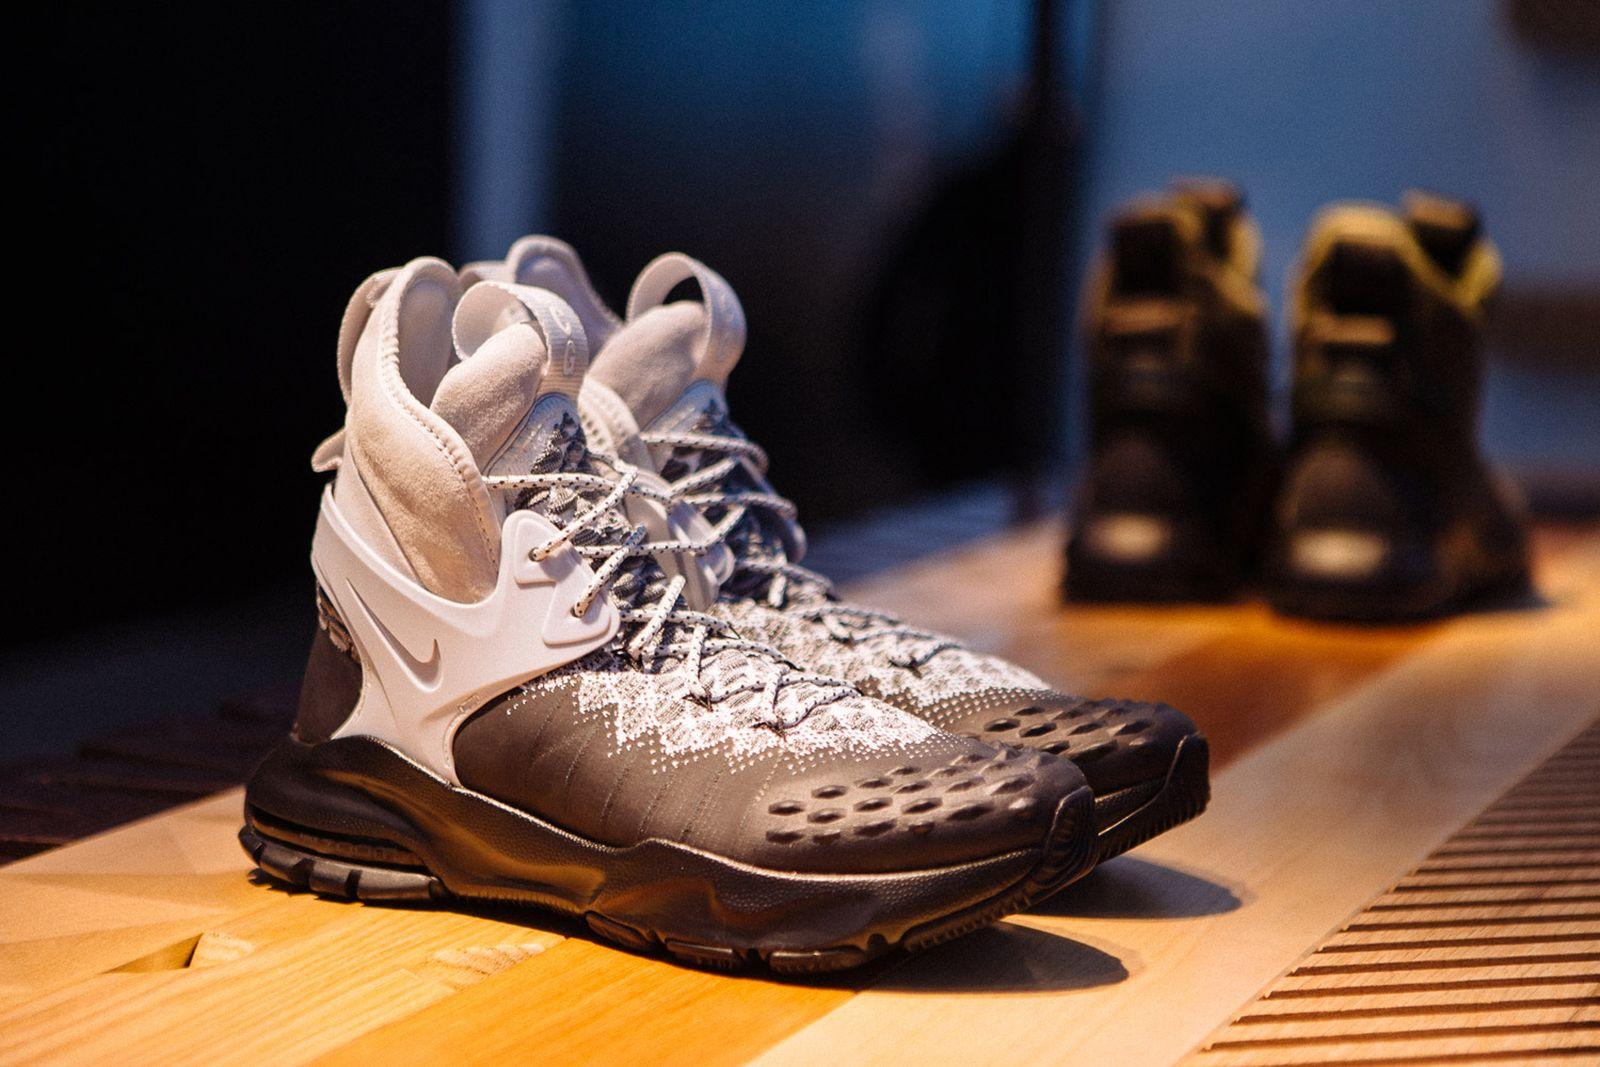 Nike-Lab-Chicago-Highsnobiety-08